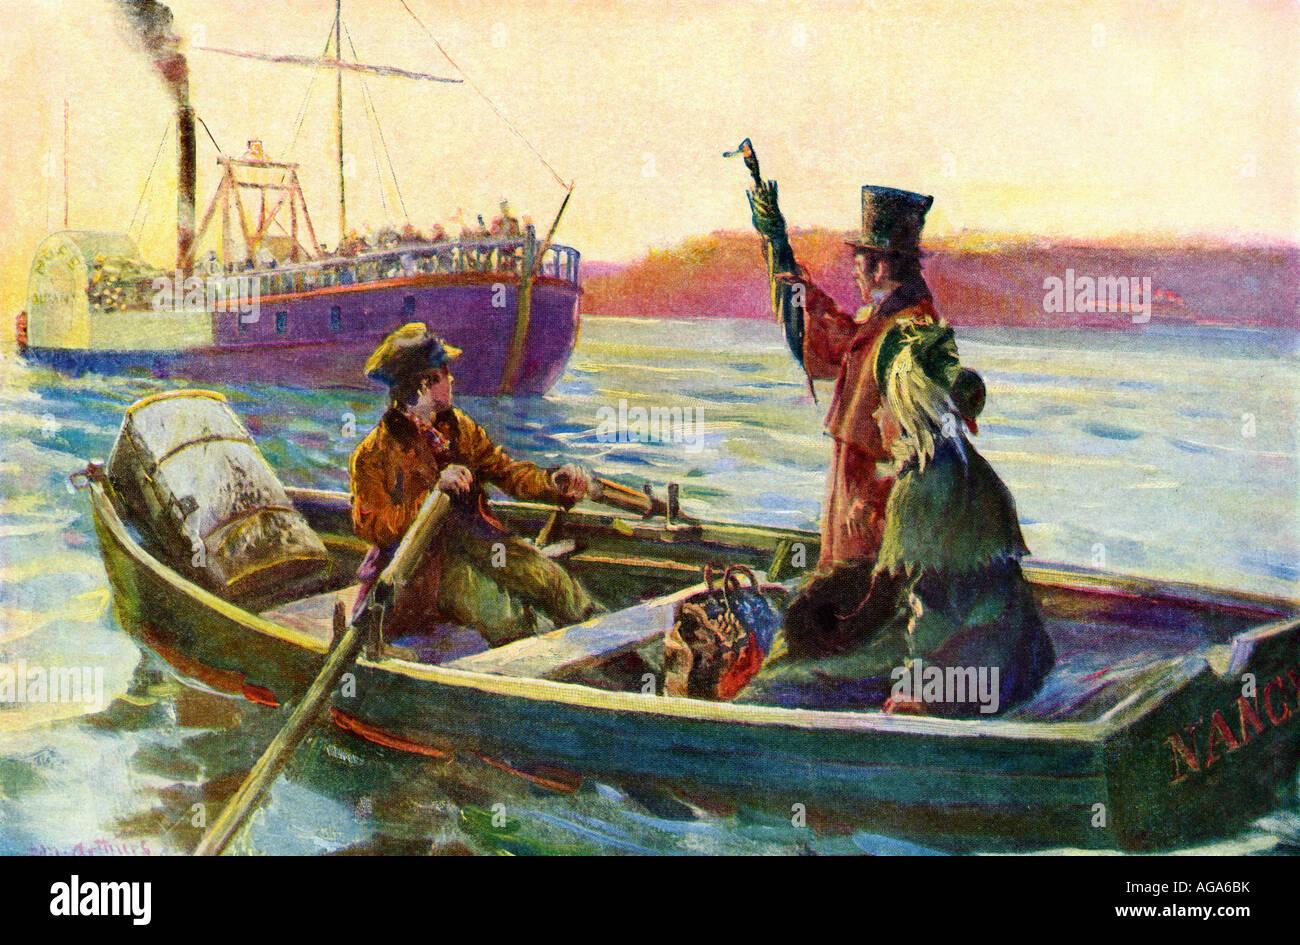 Passagiere Konsumprodukte Riverboat an Bord von einem Ruderboot im Mittelstrahl Anfang 1800. Farbe halftone einer Stockbild